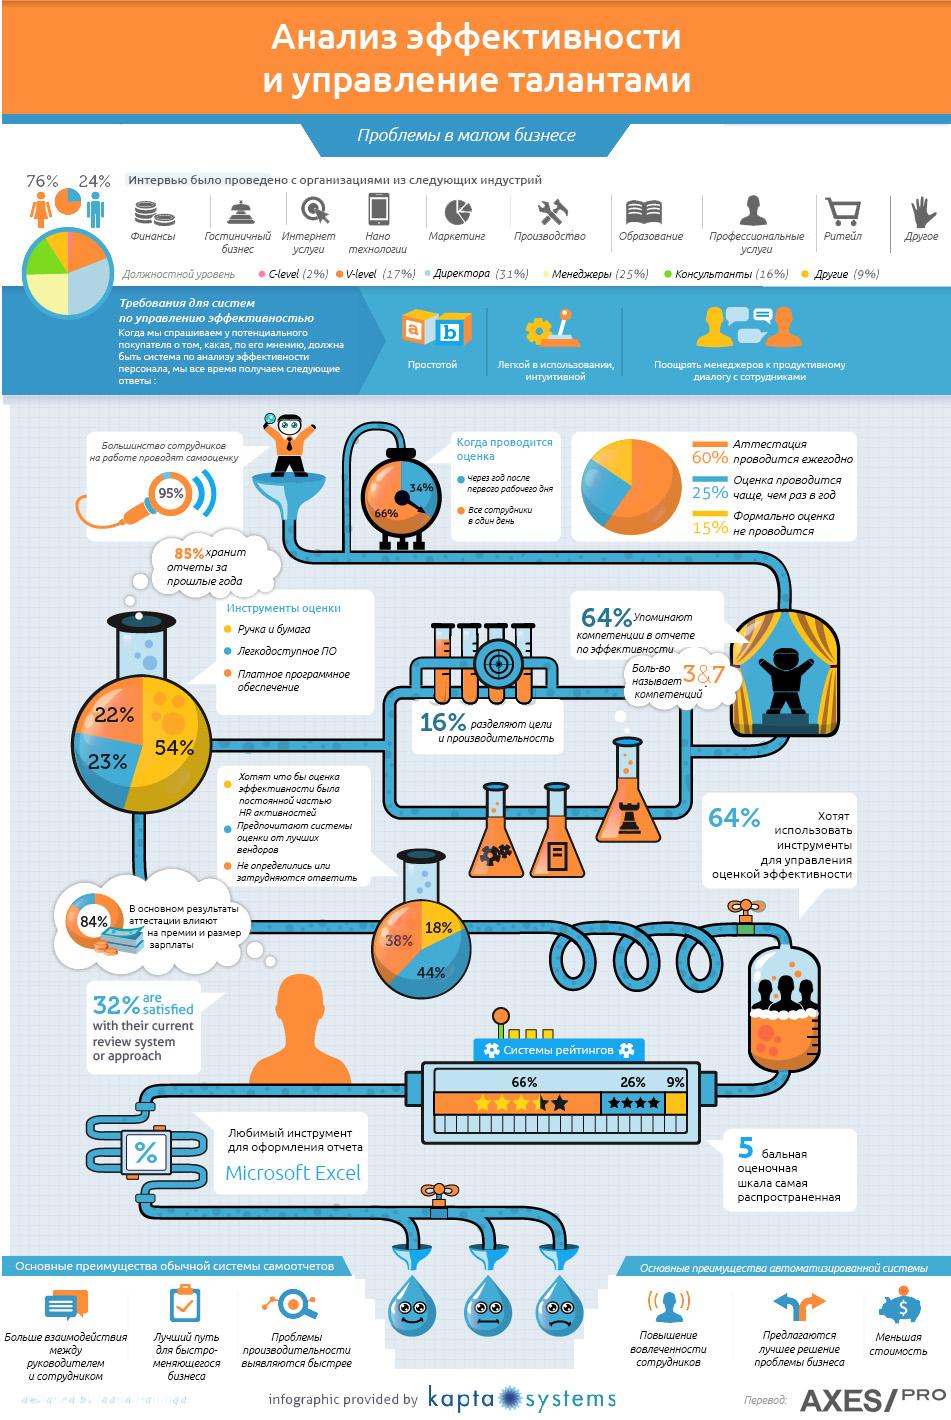 Инфографика Анализ эффективности и управление талантами